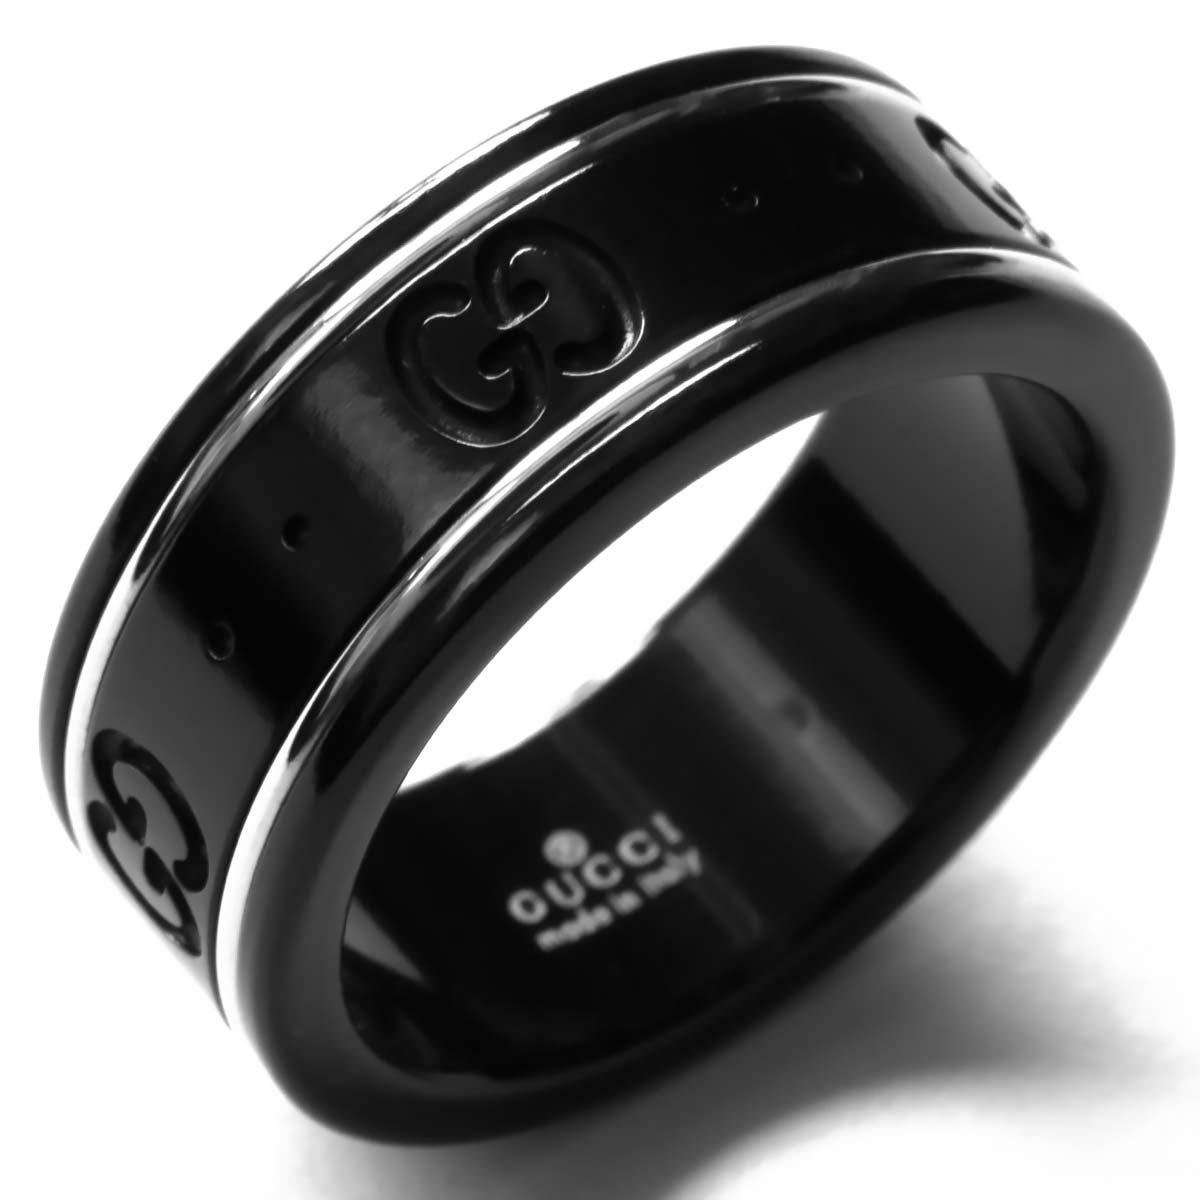 d085c83751a4 グッチ リング【指輪】 アクセサリー メンズ レディース GGアイコン ブラック&ホワイトゴールド 225985 I19A1